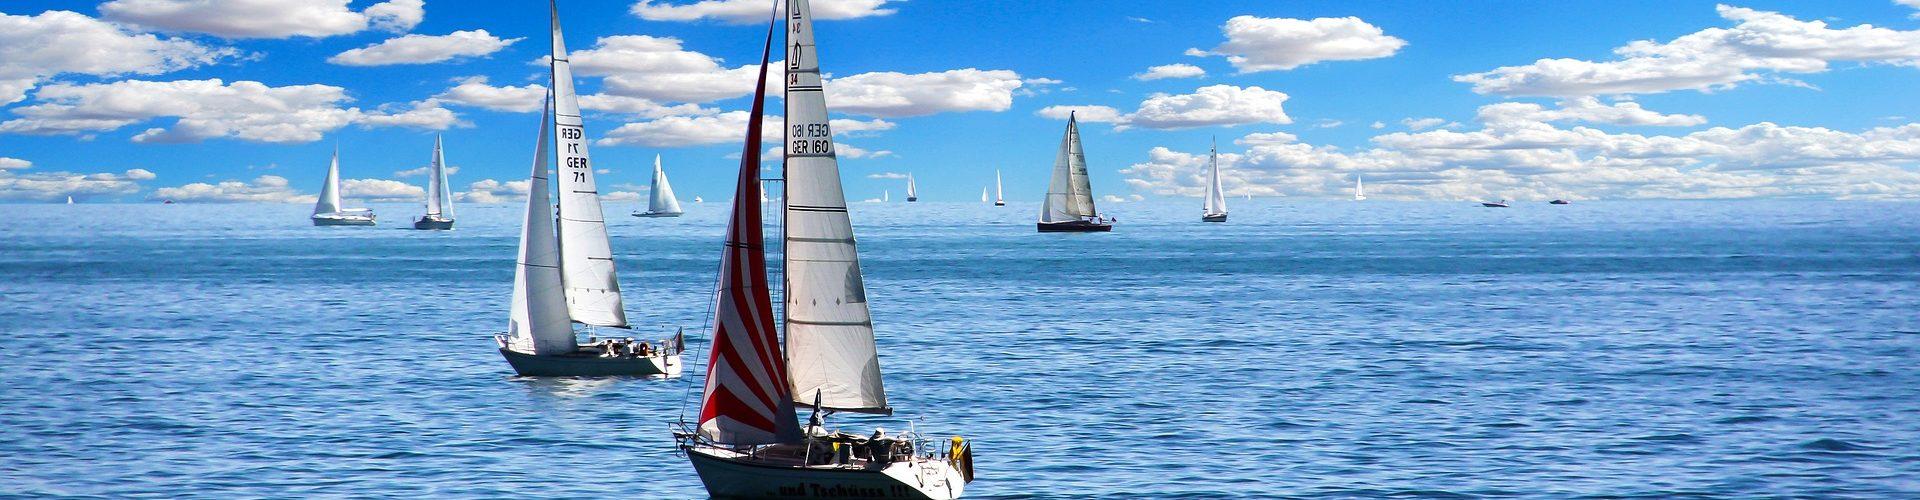 segeln lernen in Dudenhofen segelschein machen in Dudenhofen 1920x500 - Segeln lernen in Dudenhofen